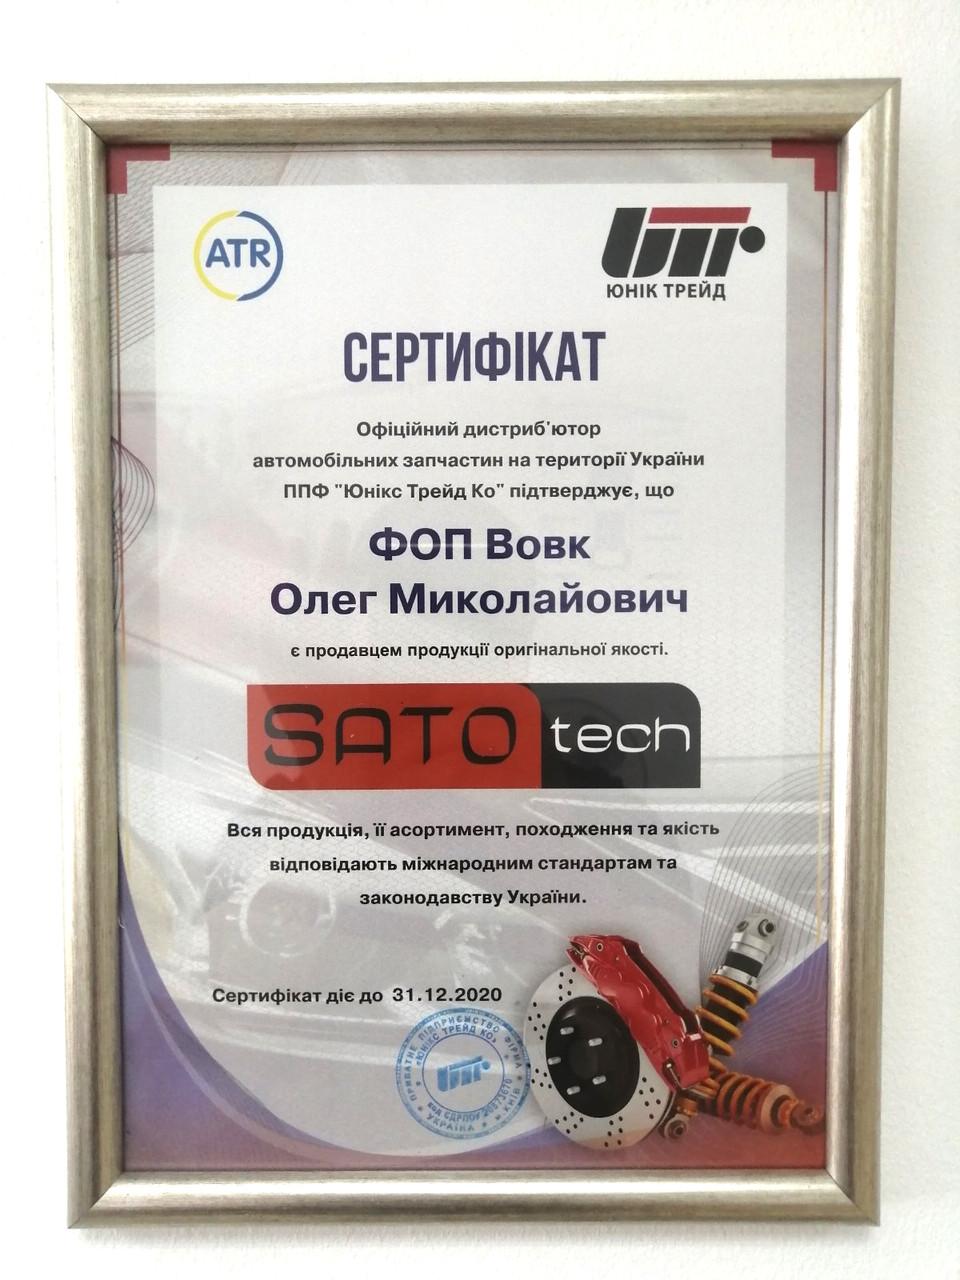 SATO Q+ Радиатор печки DAEWOO Lanos 97-